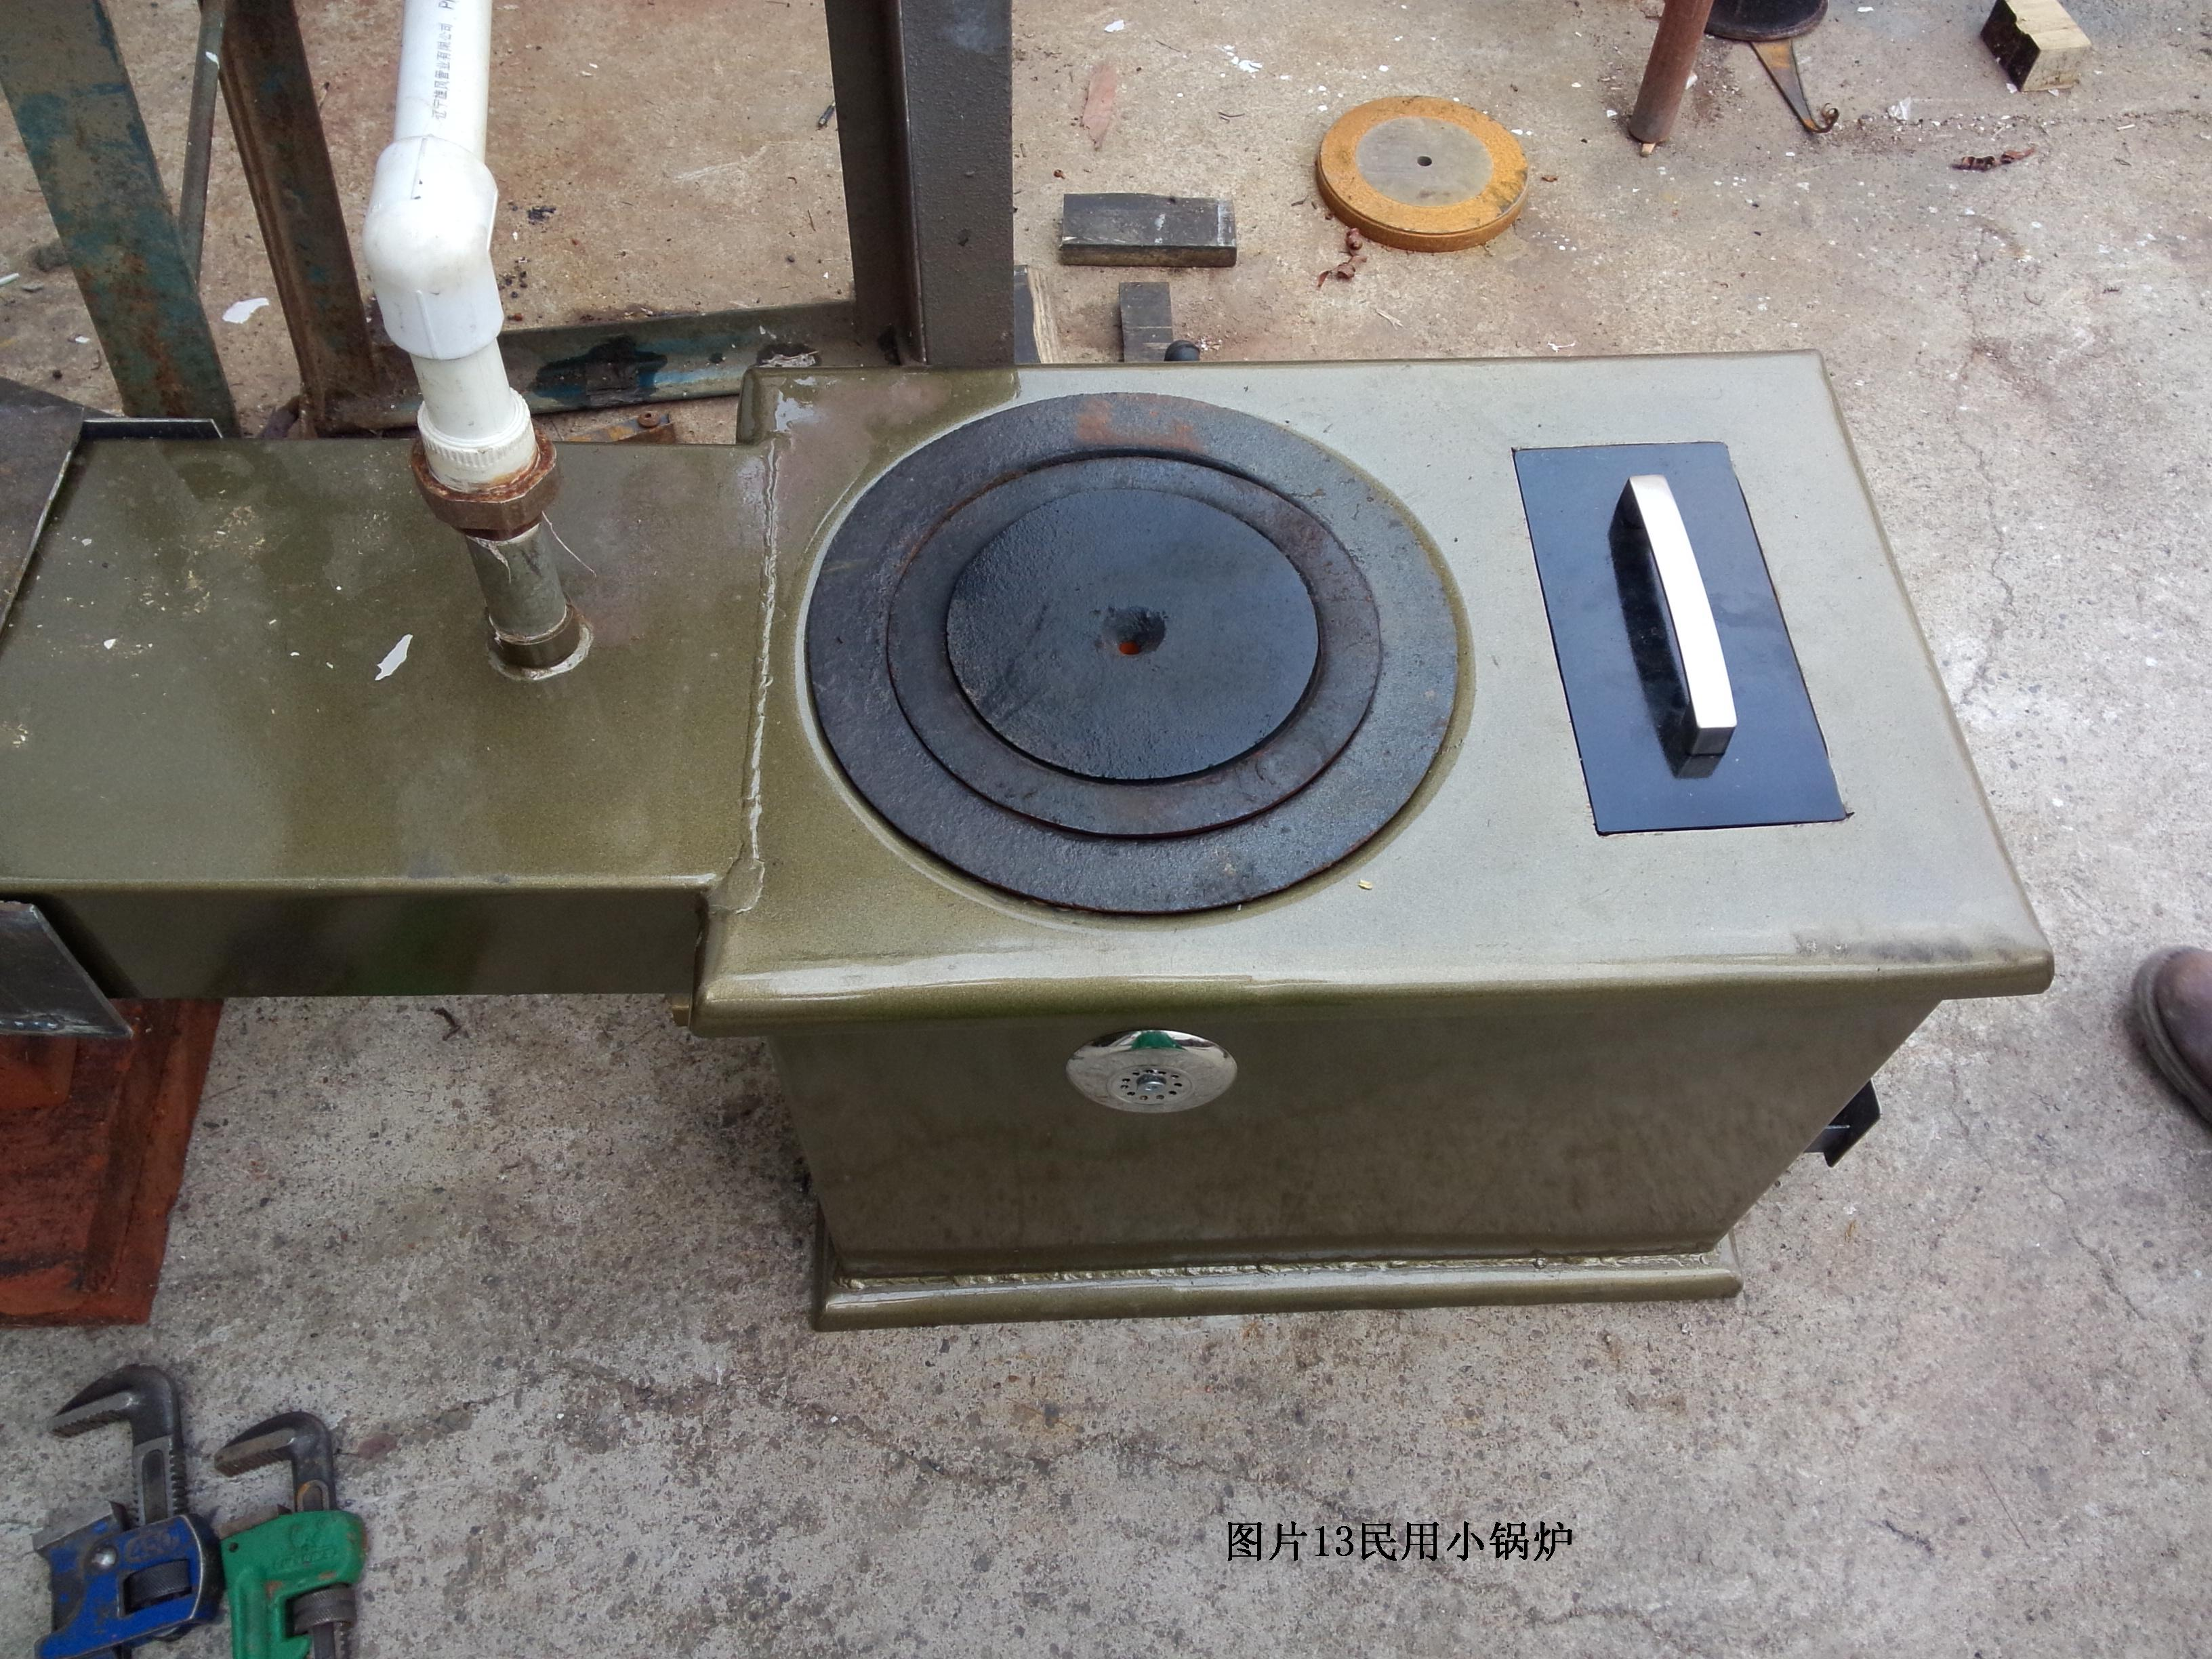 农村水暖安装_农村两层楼怎么安装家用小锅炉水暖